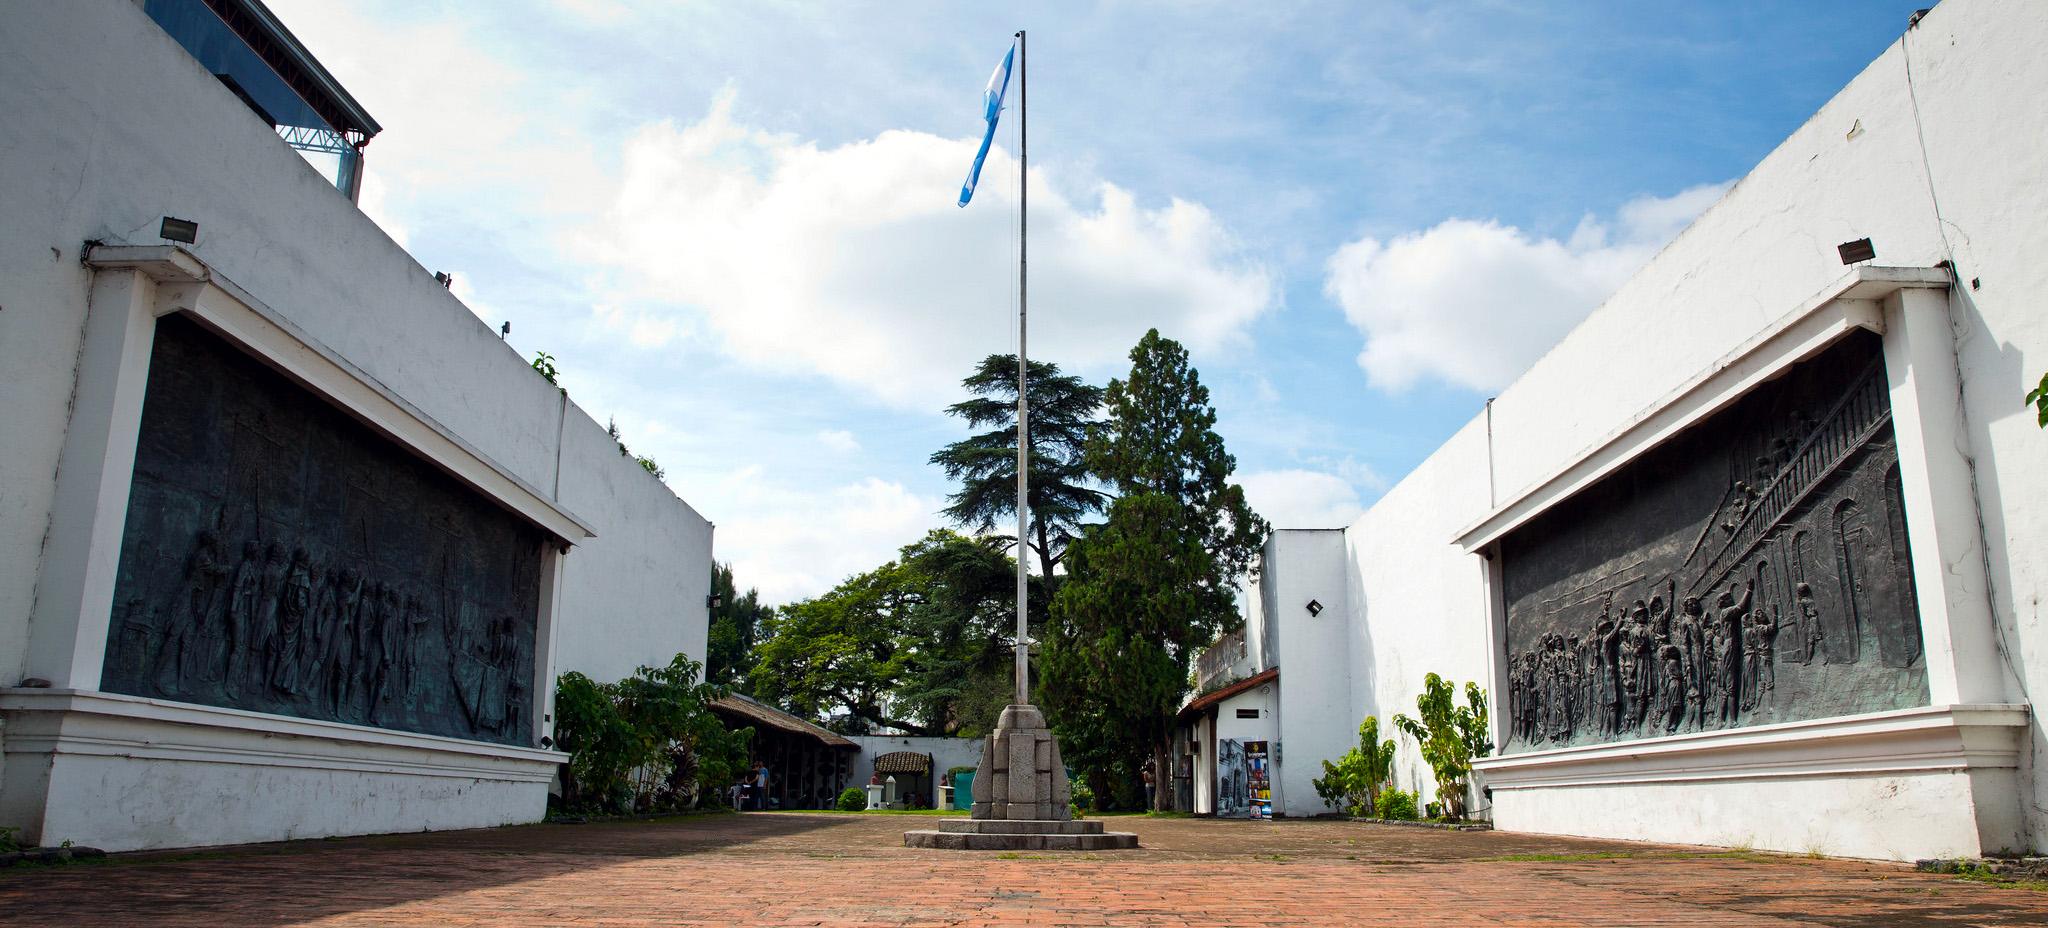 Foto: Secretaría de Cultura de la Presidencia de la Nación - Mauro Rico - 22 de marzo de 2016